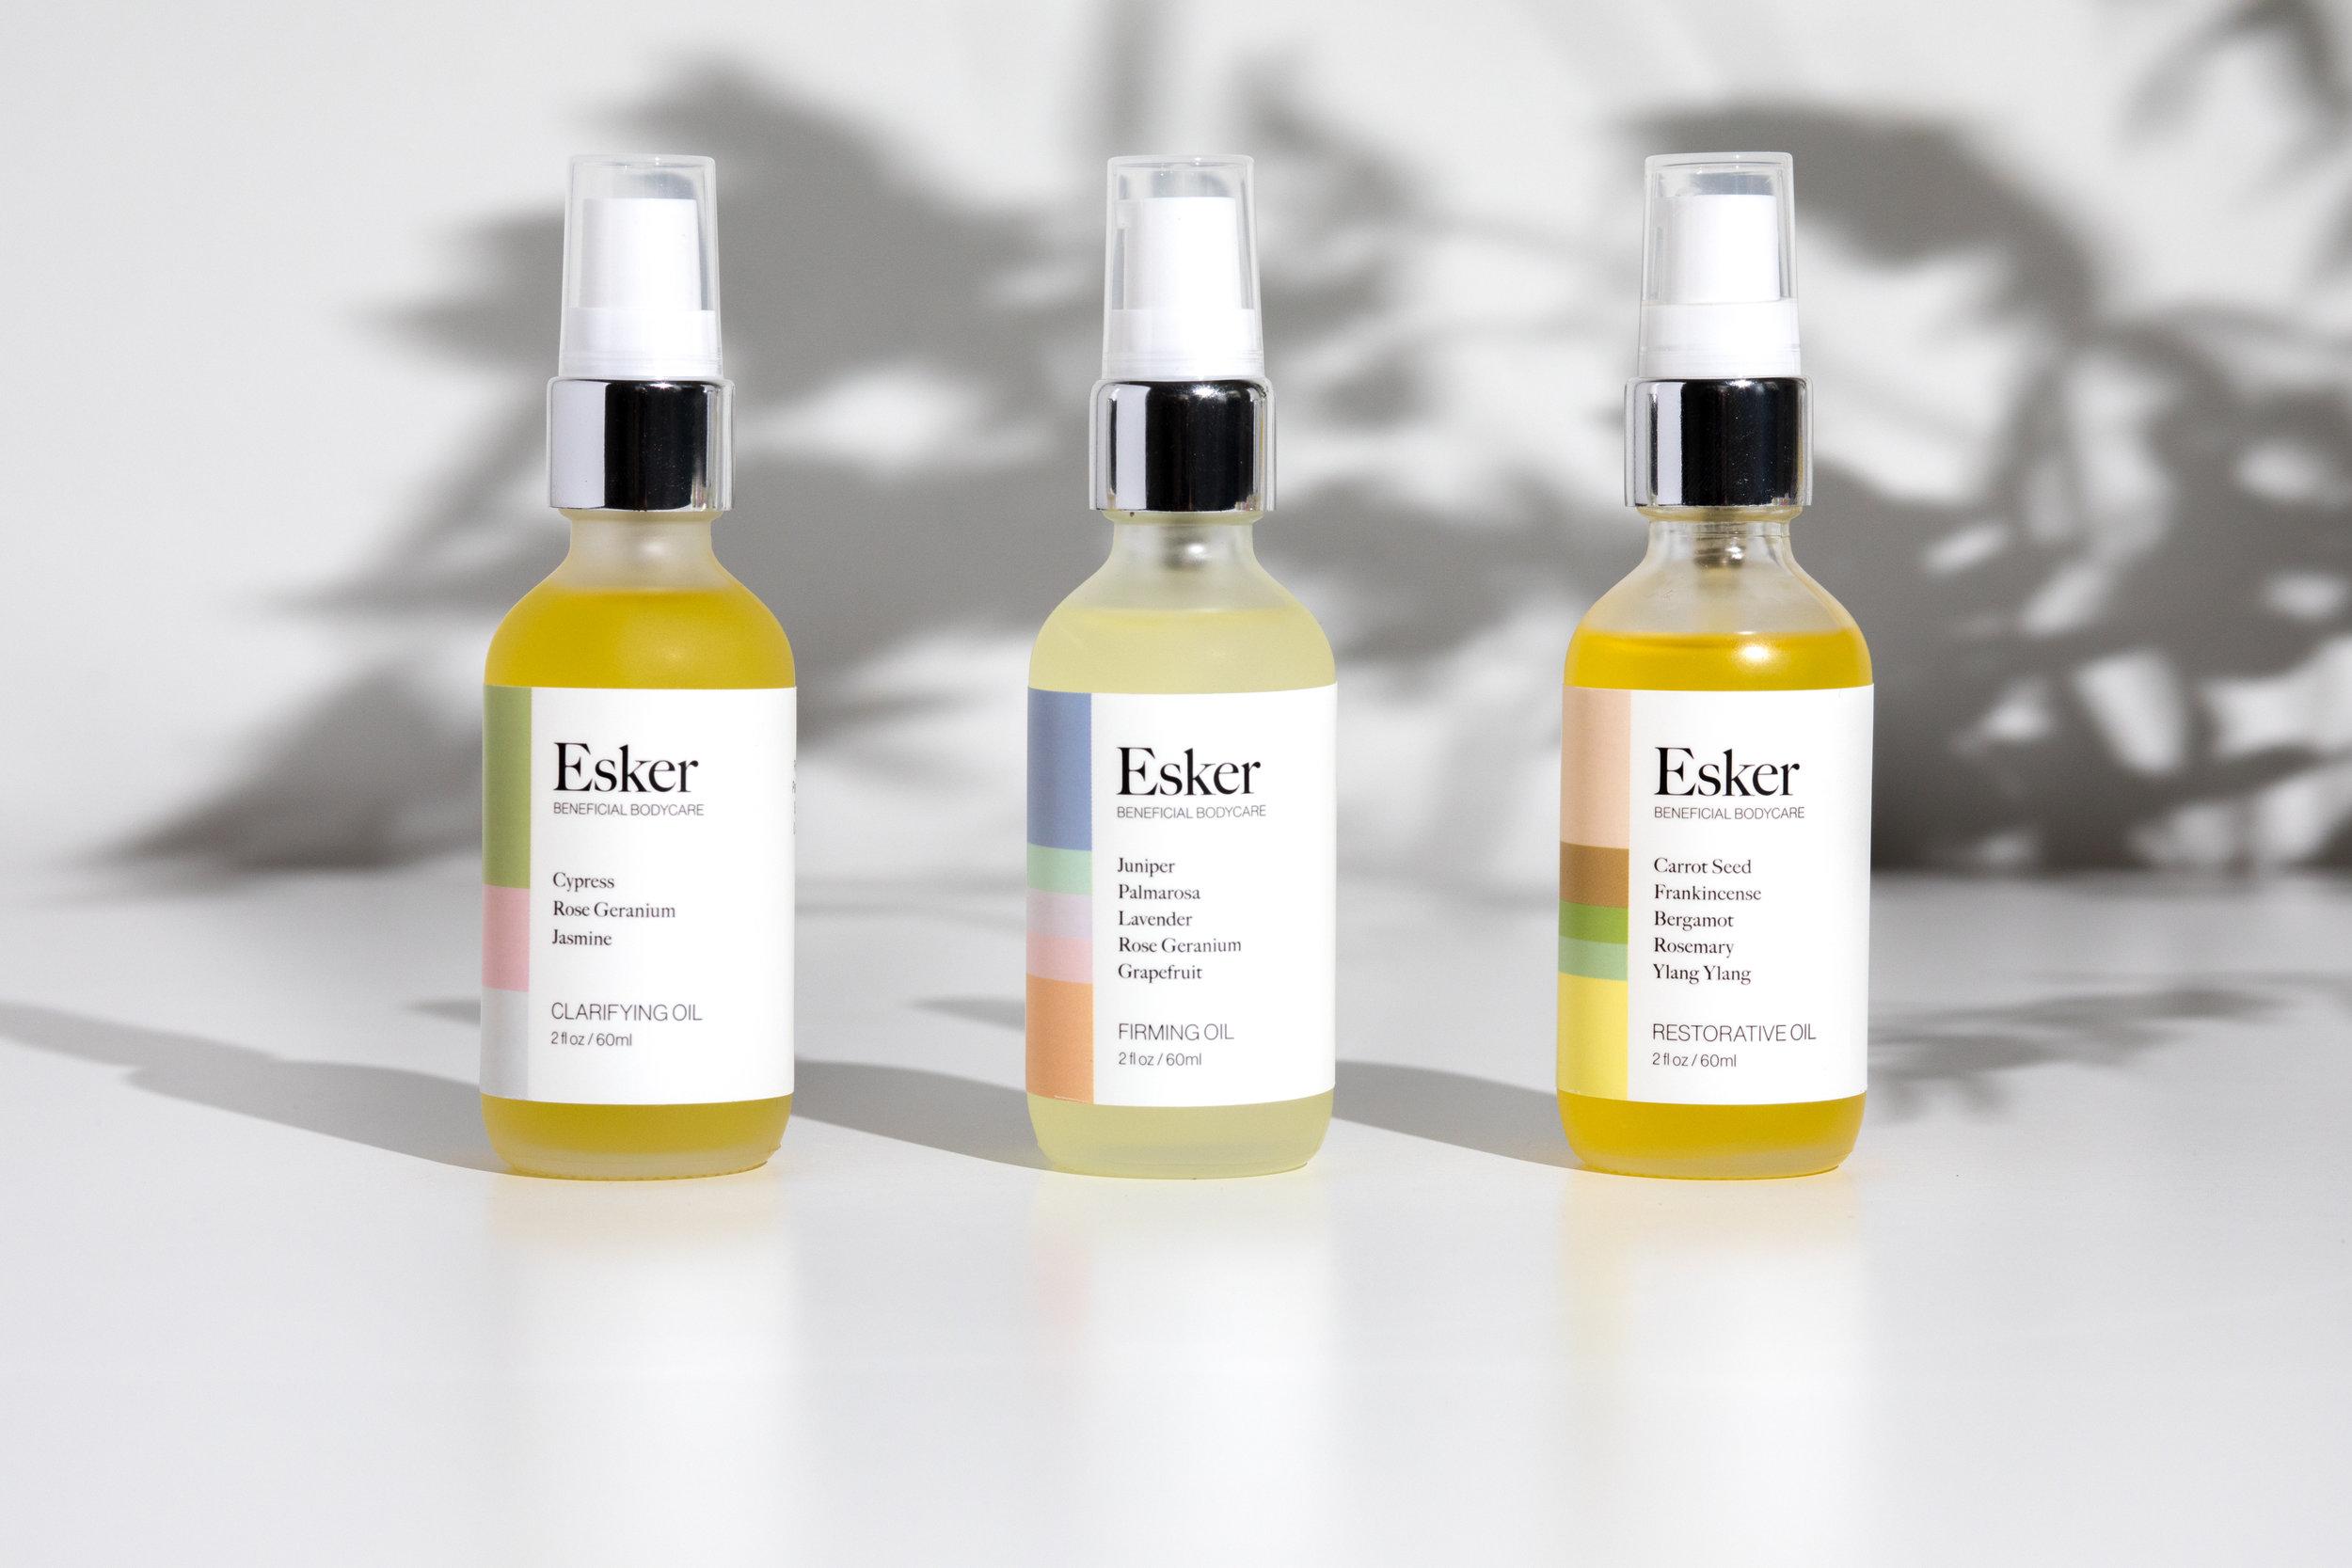 EskerFinal-10.jpg